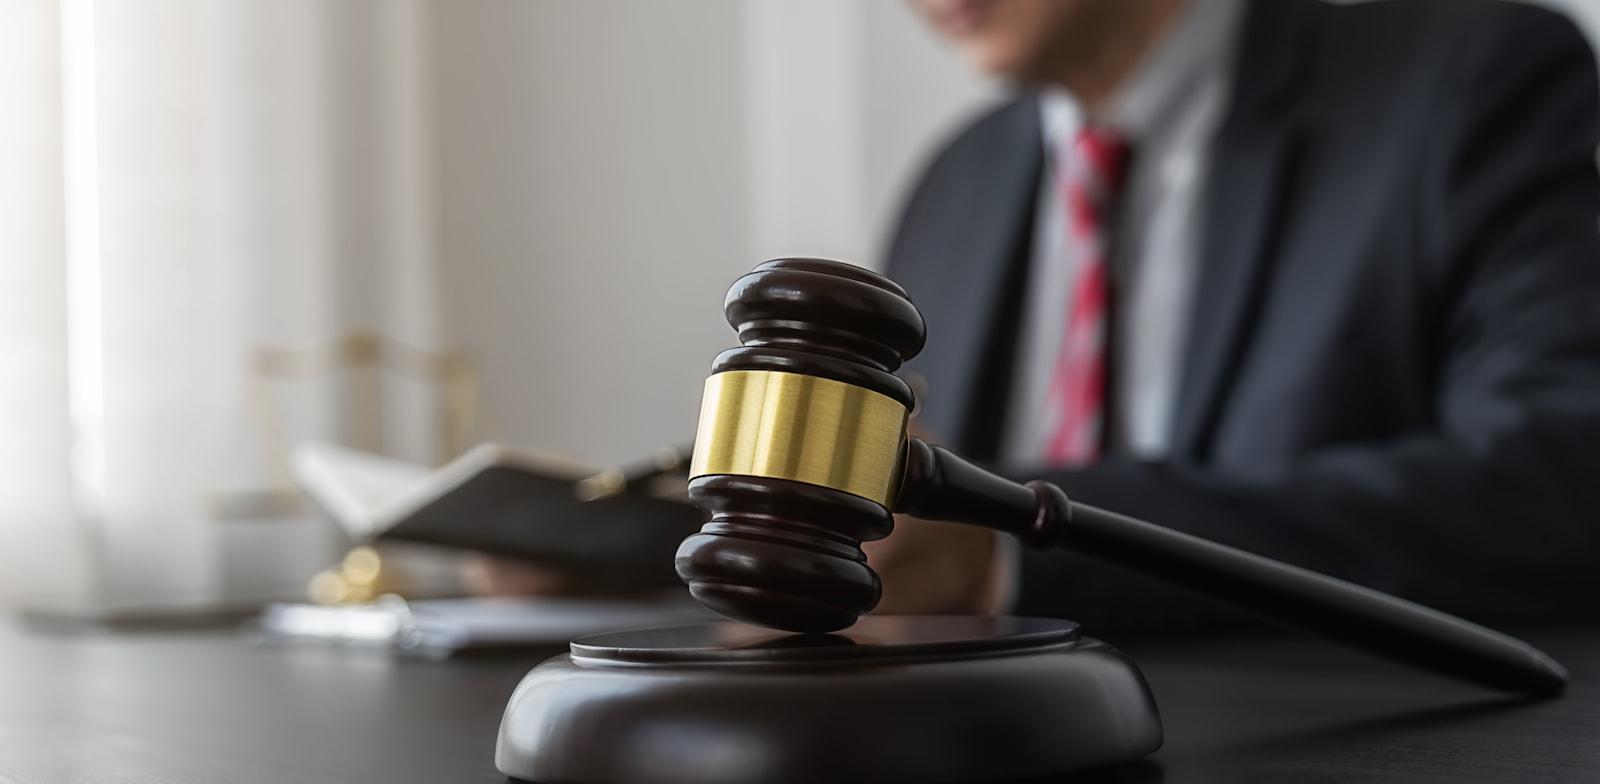 תביעות נגזרות הן כלי אכיפה חשוב ואפקטיבי בידיו של המשקיע הקטן / צילום: Shutterstock, PIC SNIPE